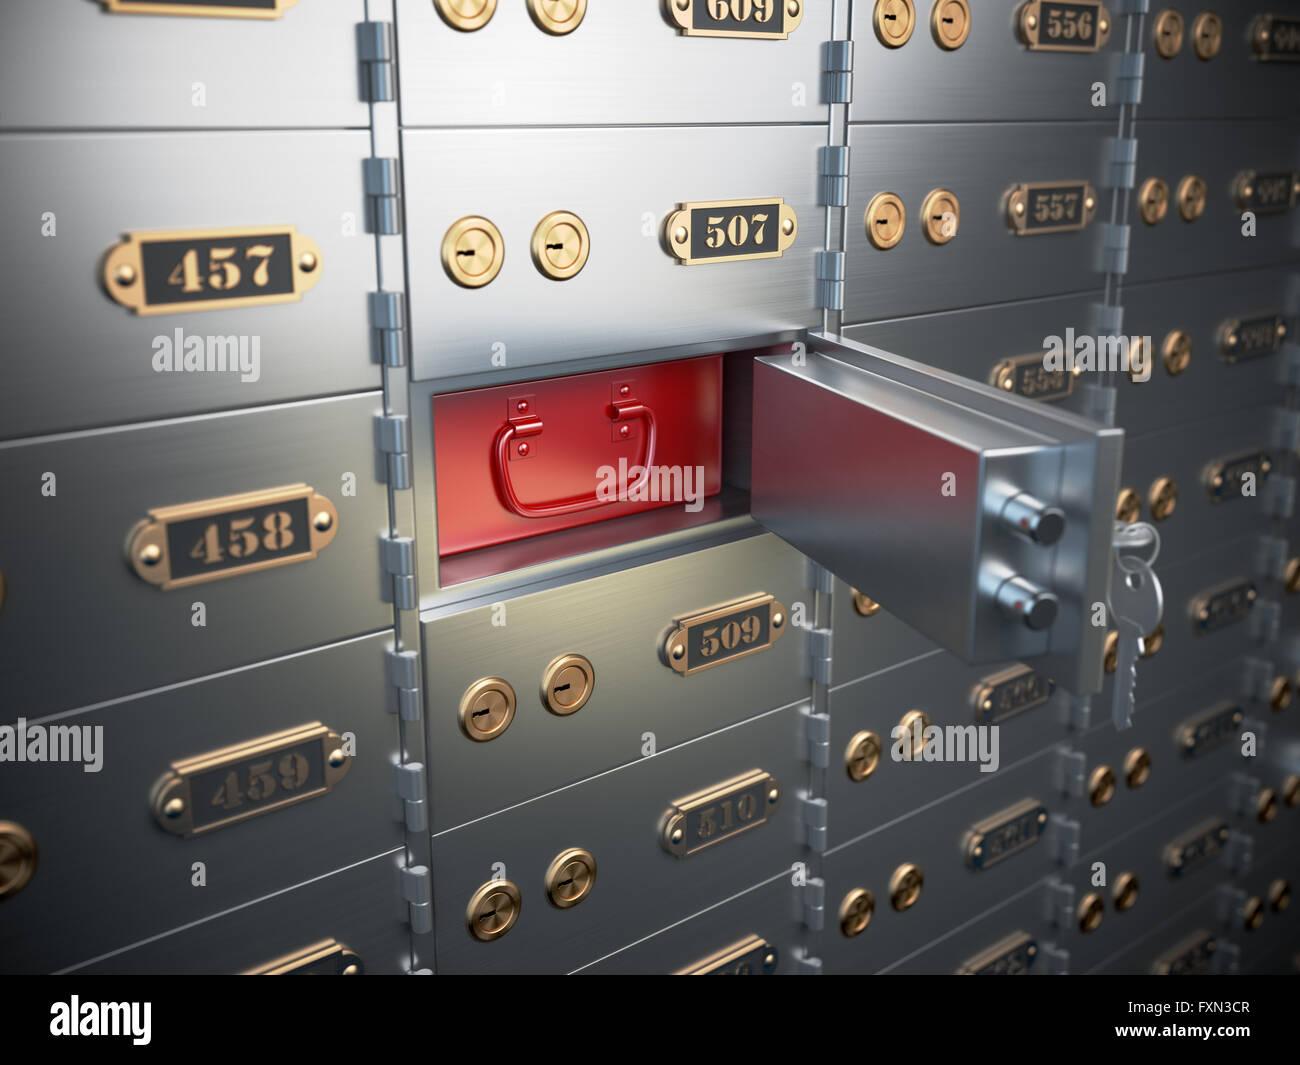 Las cajas de depósito seguro con abrir una celda segura. Ilustración 3d Imagen De Stock